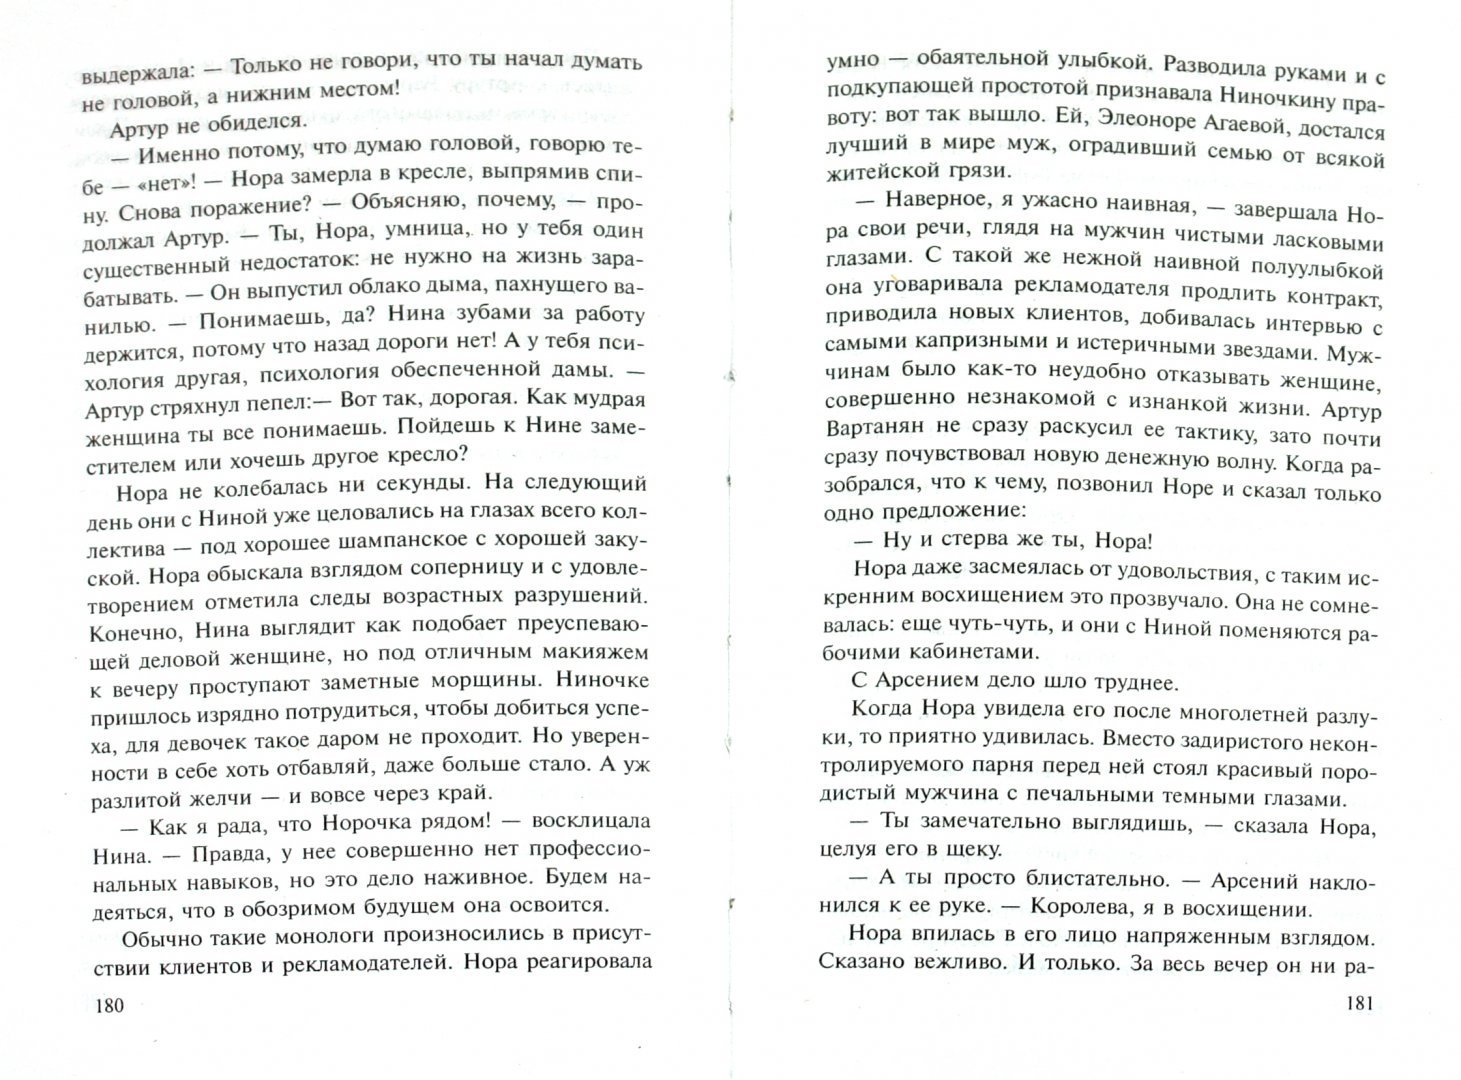 Иллюстрация 1 из 6 для Рапсодия в стиле mort - Карина Тихонова | Лабиринт - книги. Источник: Лабиринт